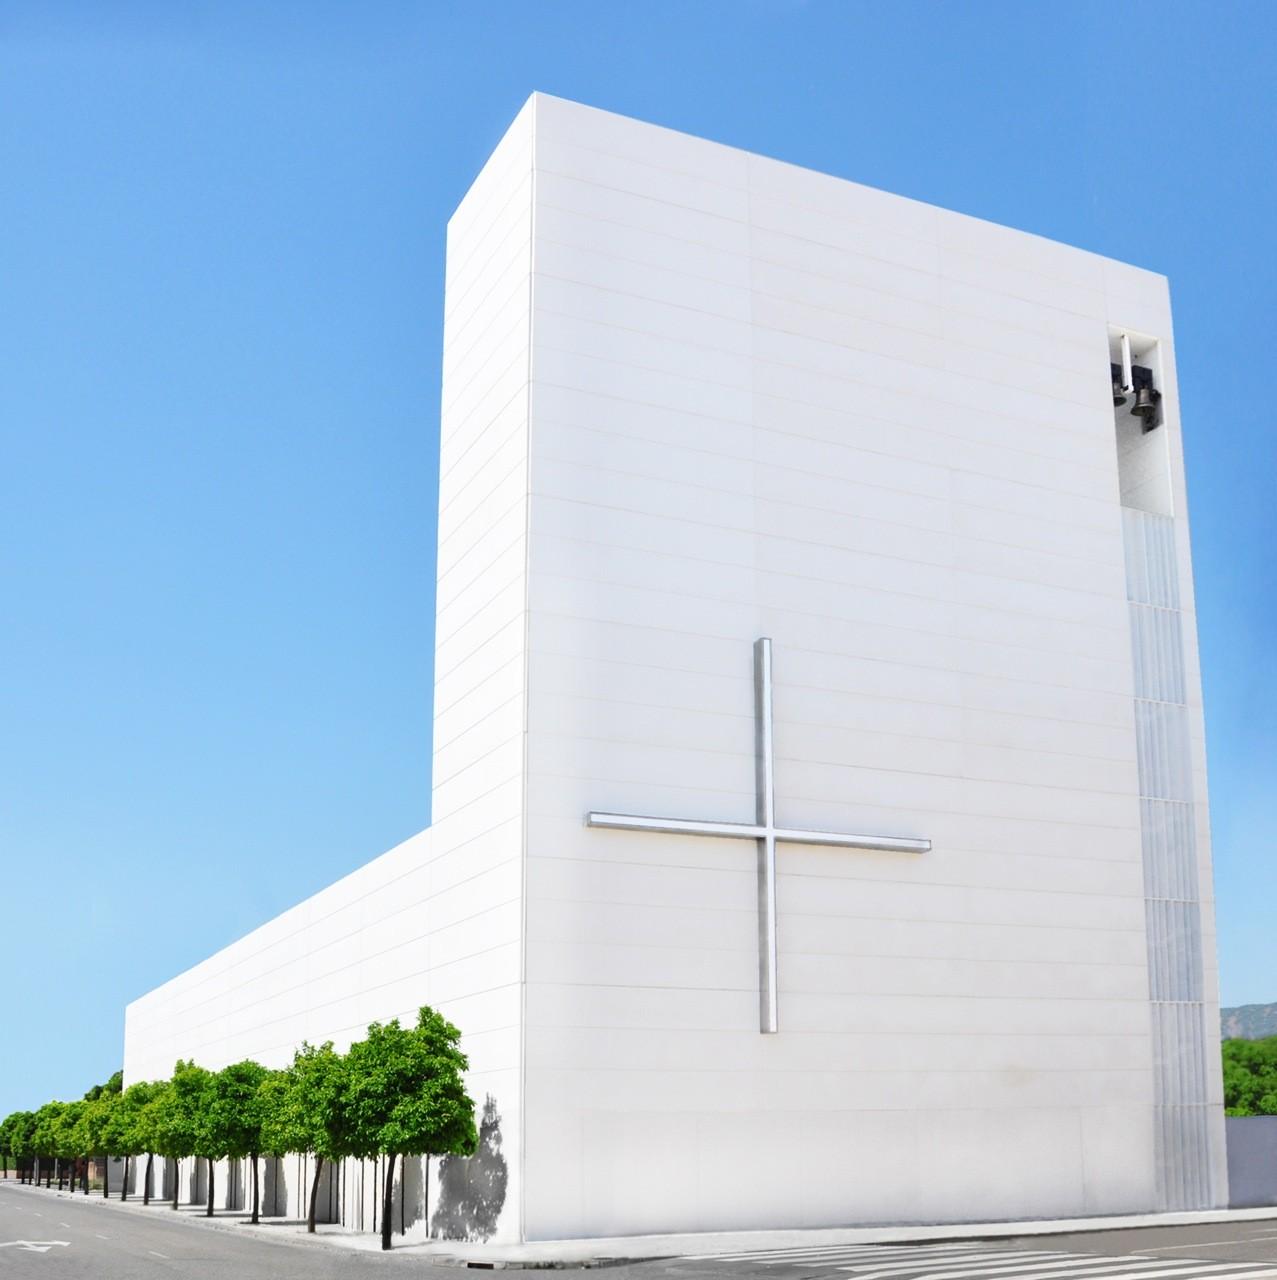 Iglesia Parroquial en Cordoba / Vicens + Ramos, © Ignacio Vicens y Hualde